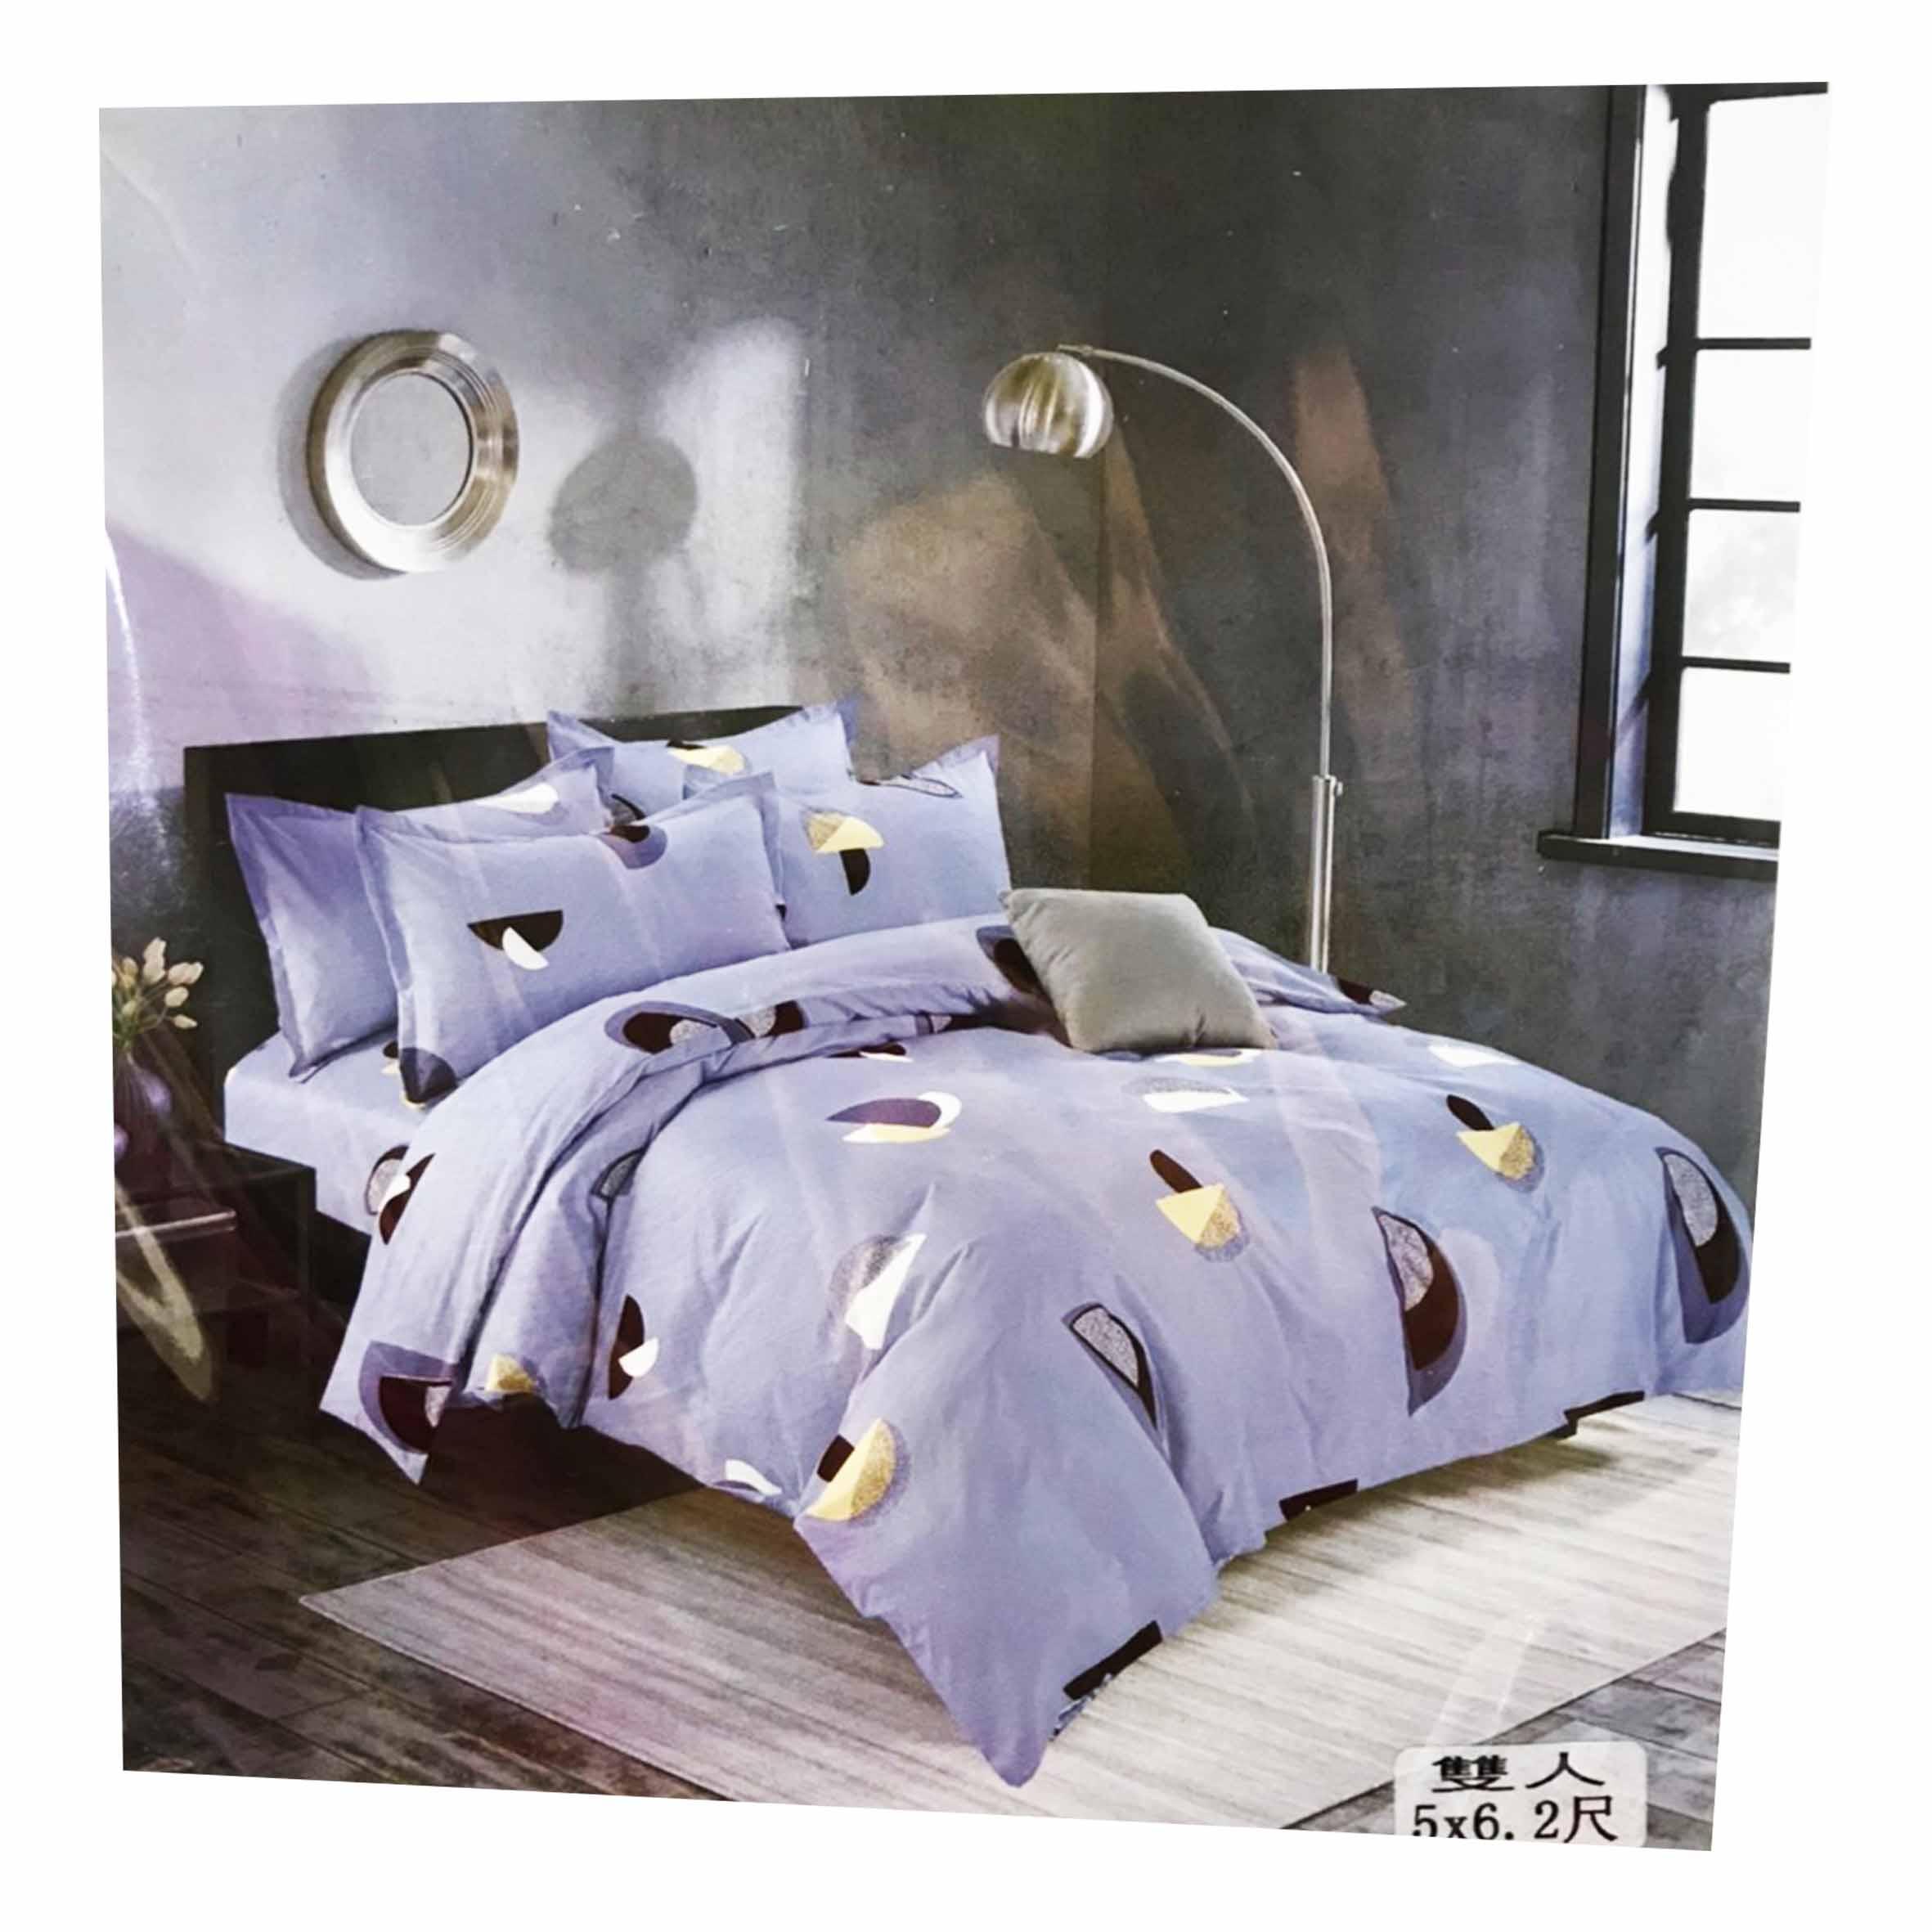 雙人鬆緊床包組 3件式 5x6.2尺 活性印染 -春季幻想 淡藍色